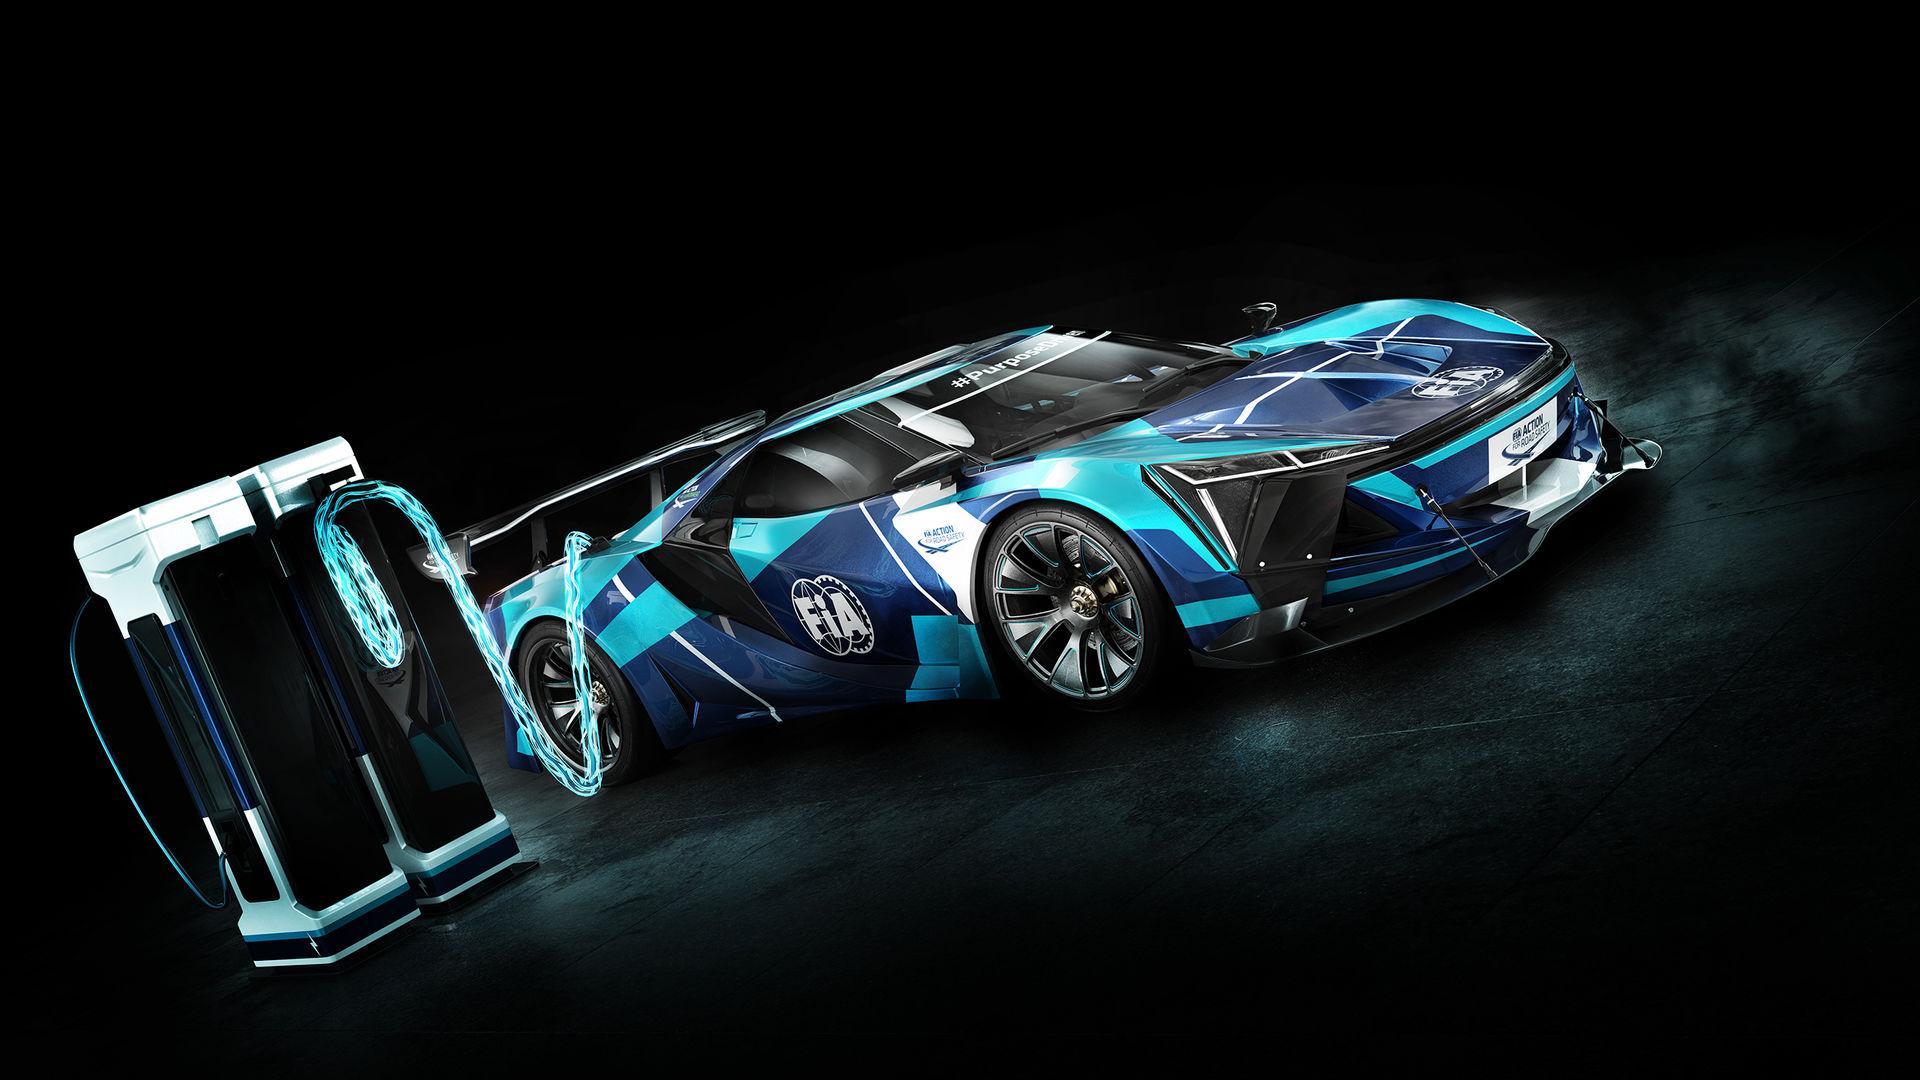 FIA presenterar ny racingliga för elektriska GT-bilar